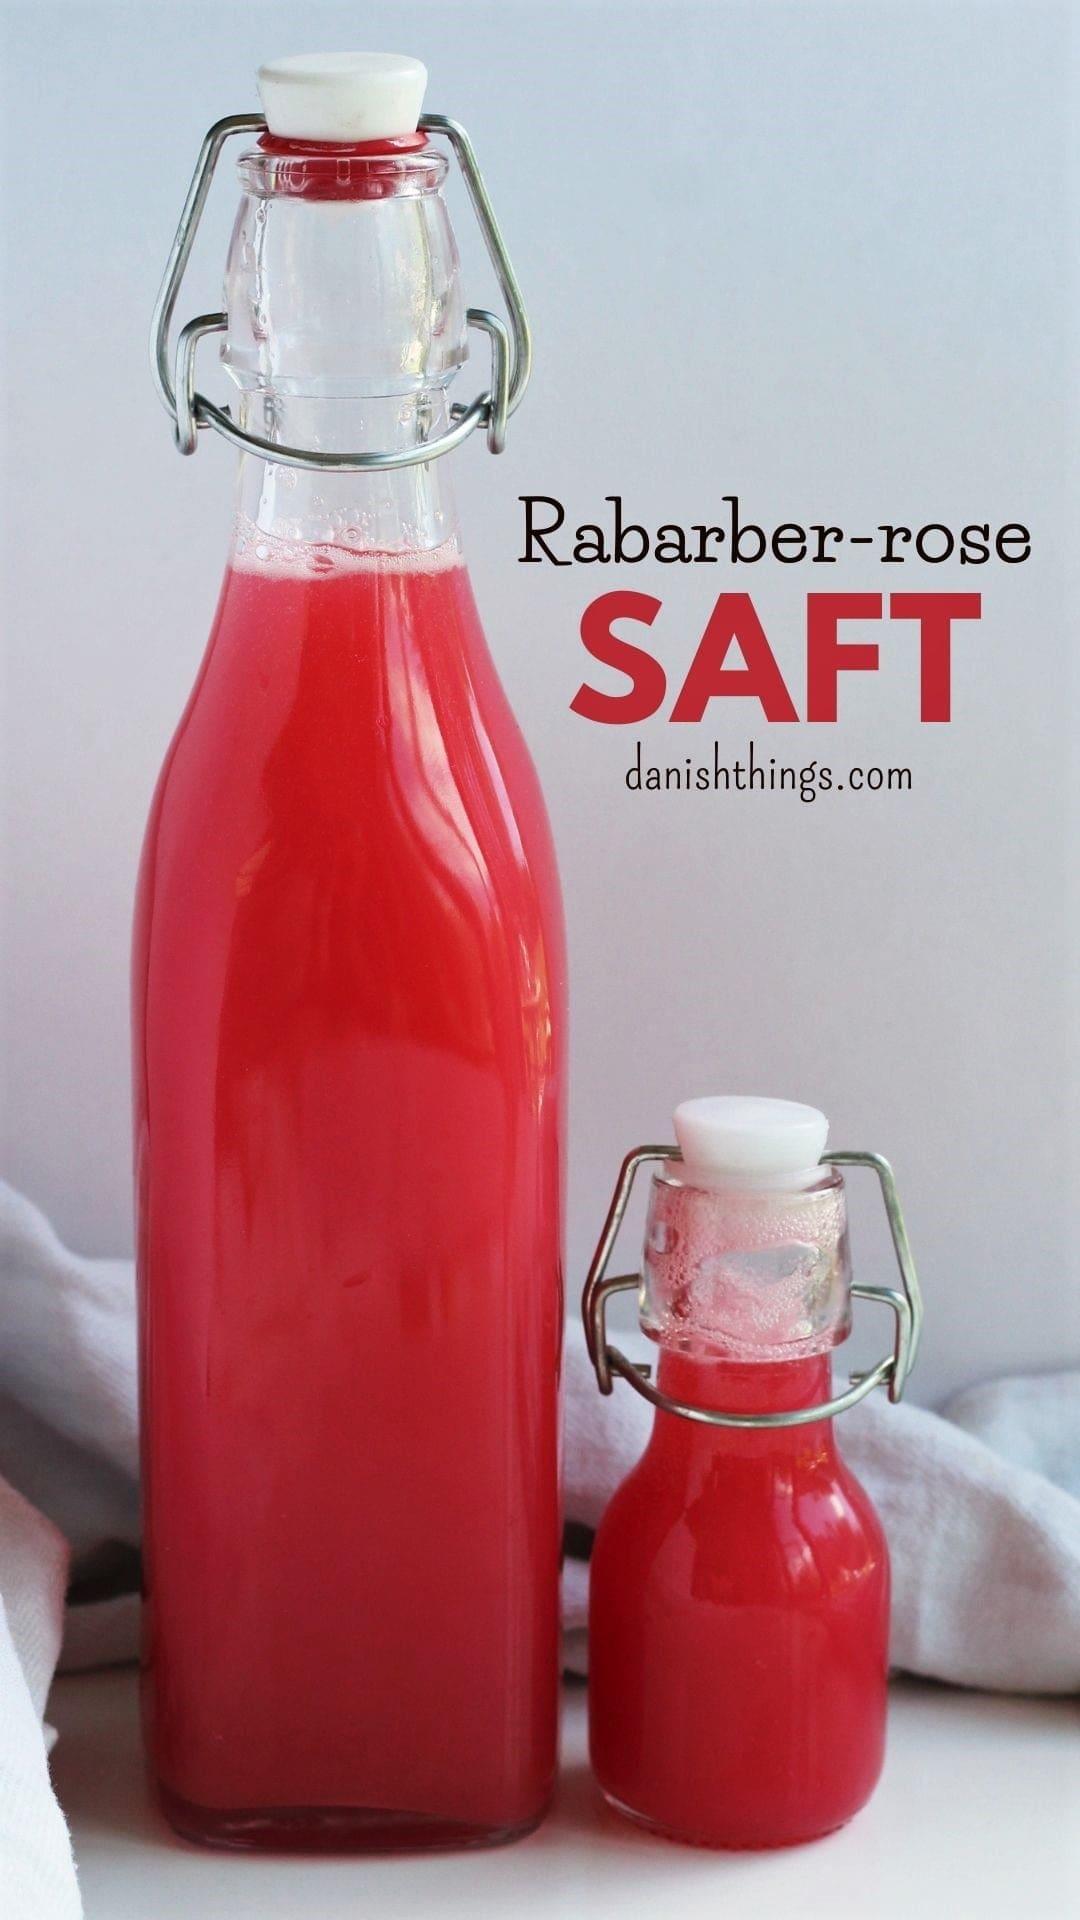 Her får du den bedste opskrift på rabarber-rosensaft og rabarberkompot tilsmagt med roser. Brug din rabarber-rosensirup i cocktails og mocktails, i koldbrygget te, som saftevand… Rabarber-rosenkompotten kan du bruge til is, desserter og i kager. Find opskrifter, gratis print og inspiration til årets gang på danishthings.com #DanishThings #rabarber #rose #hybenrose #roser #grønnerabarber #haverabarber #SpisForåret #SpisSommeren #tilbehør #syltede #sylte #saft #sirup #rabarber-rosensirup #rabarber-rosensaft #rabarber-rose-saft #rabarber-rosesaft #kompot #rabarberkompot #rabarber-rose-kompot #coulis #pure